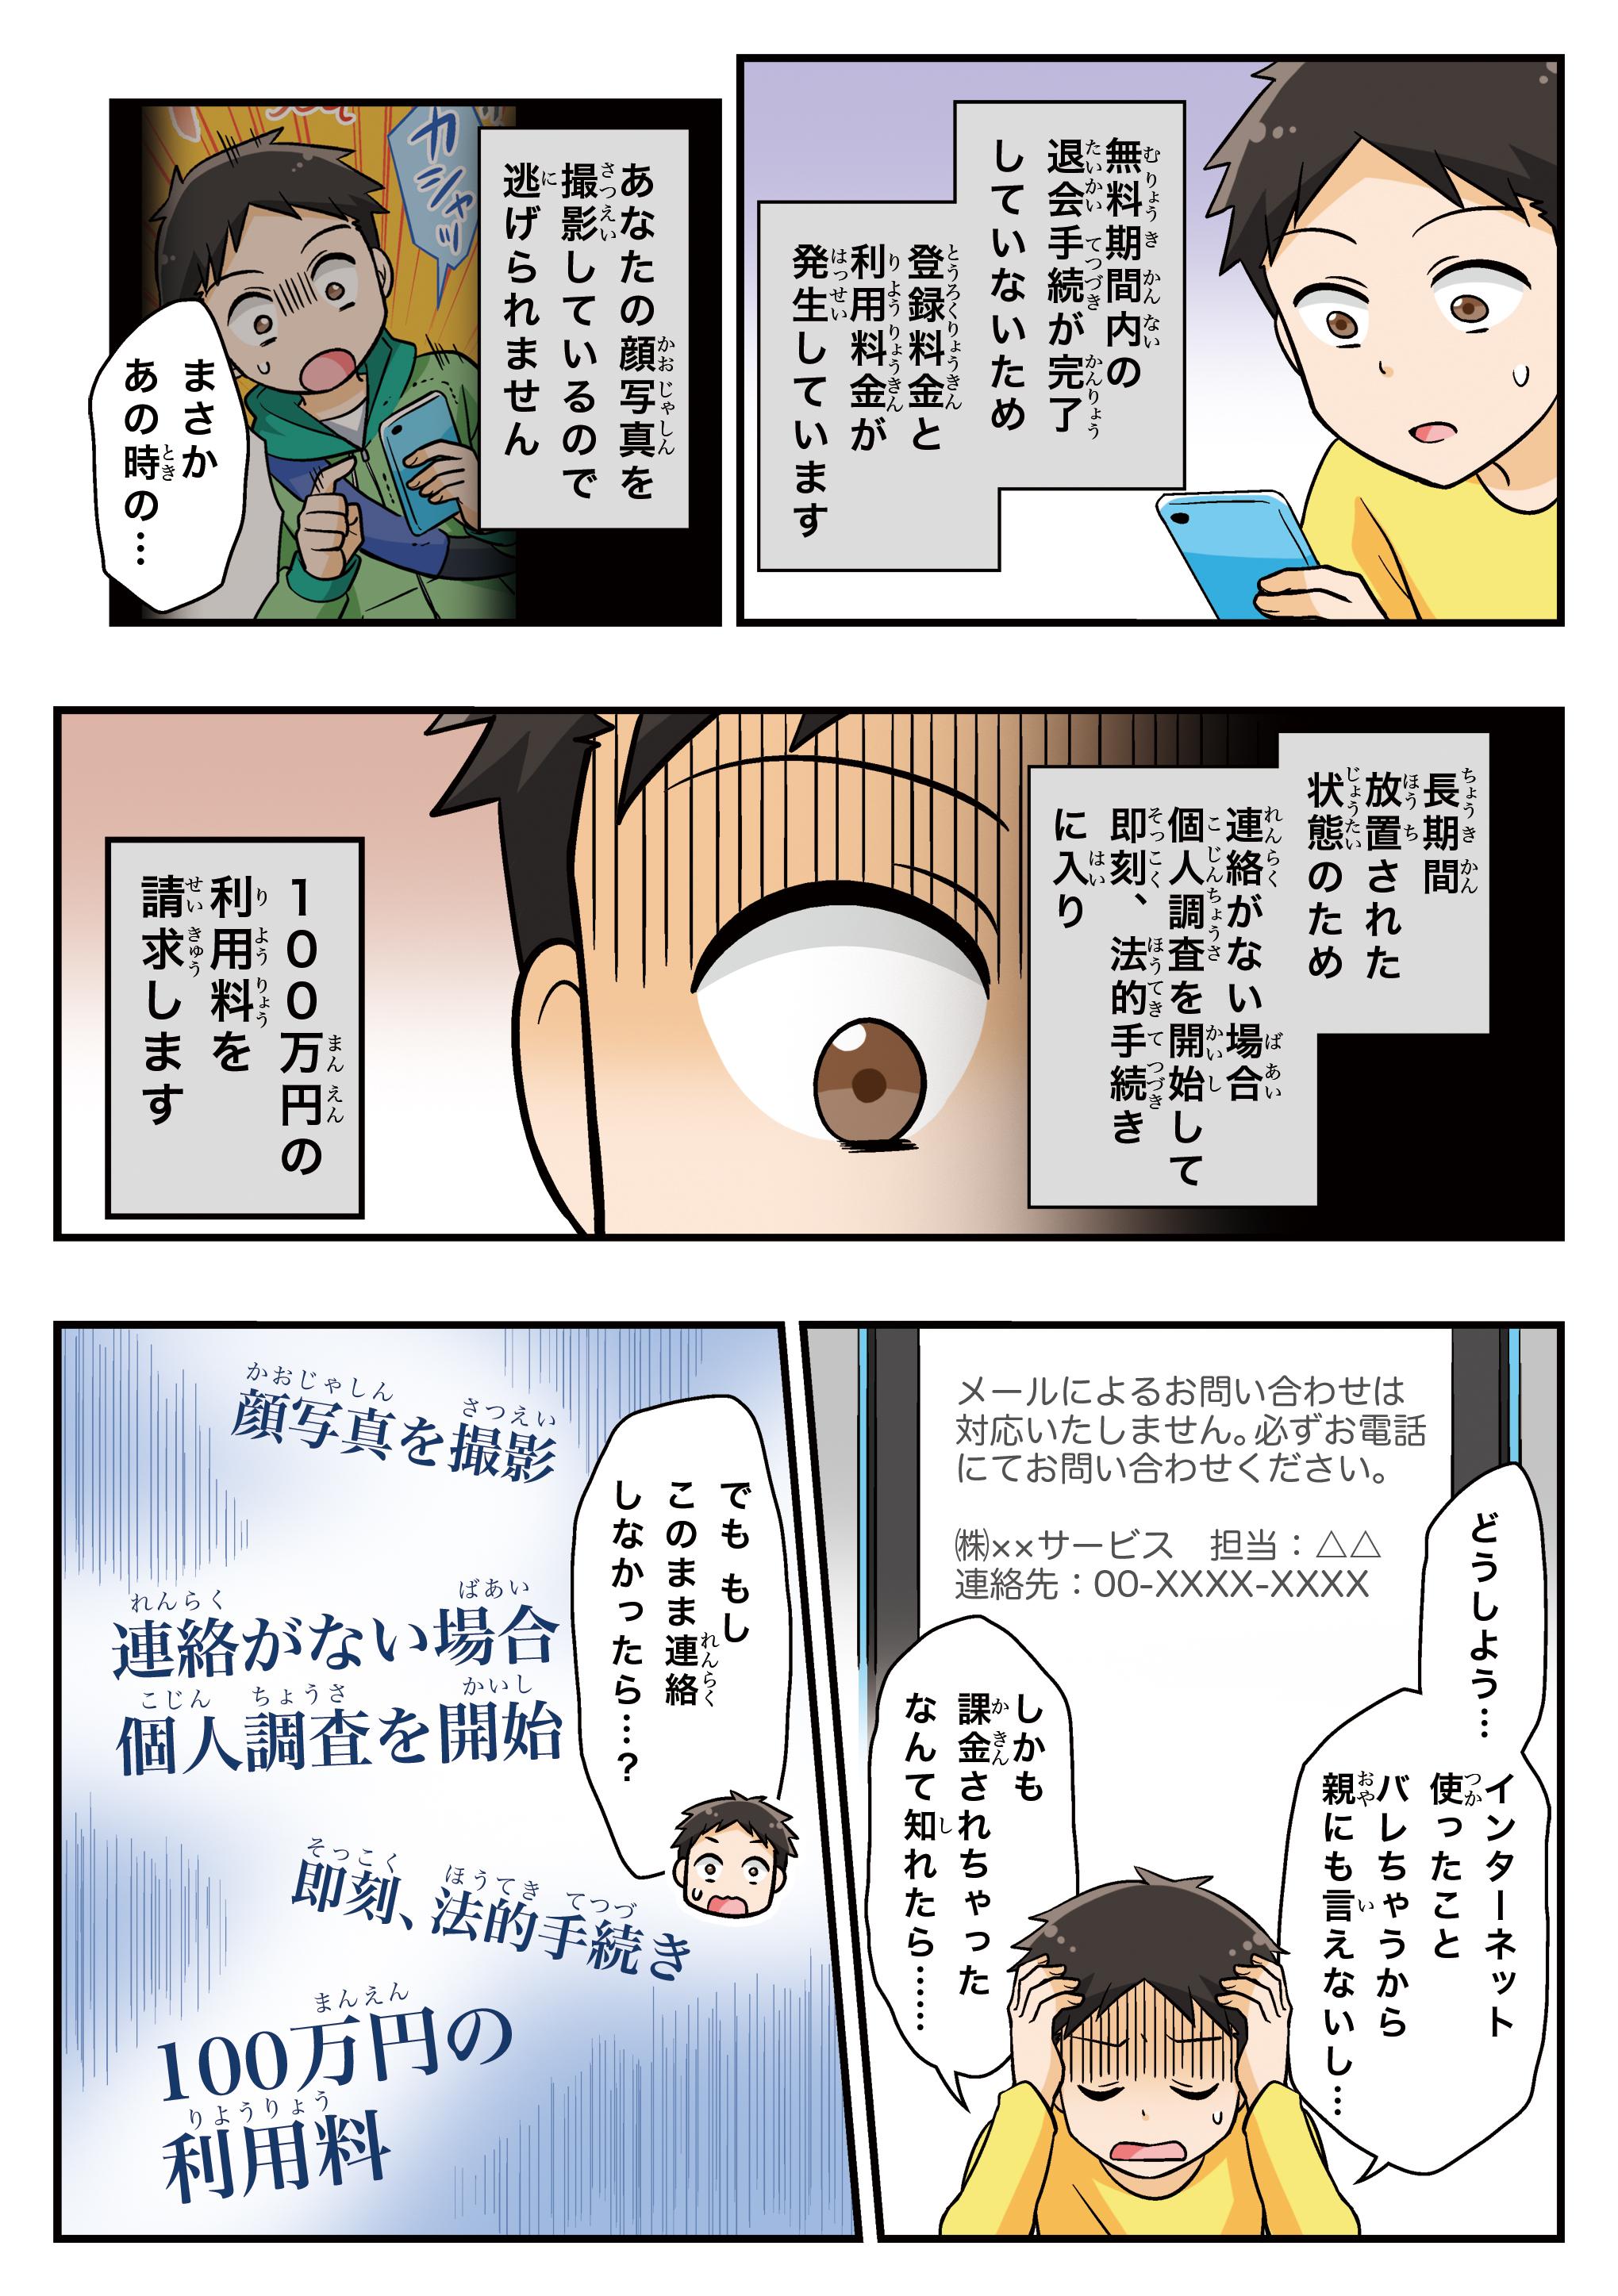 福生市小中学生向け防犯啓蒙漫画[画像4]